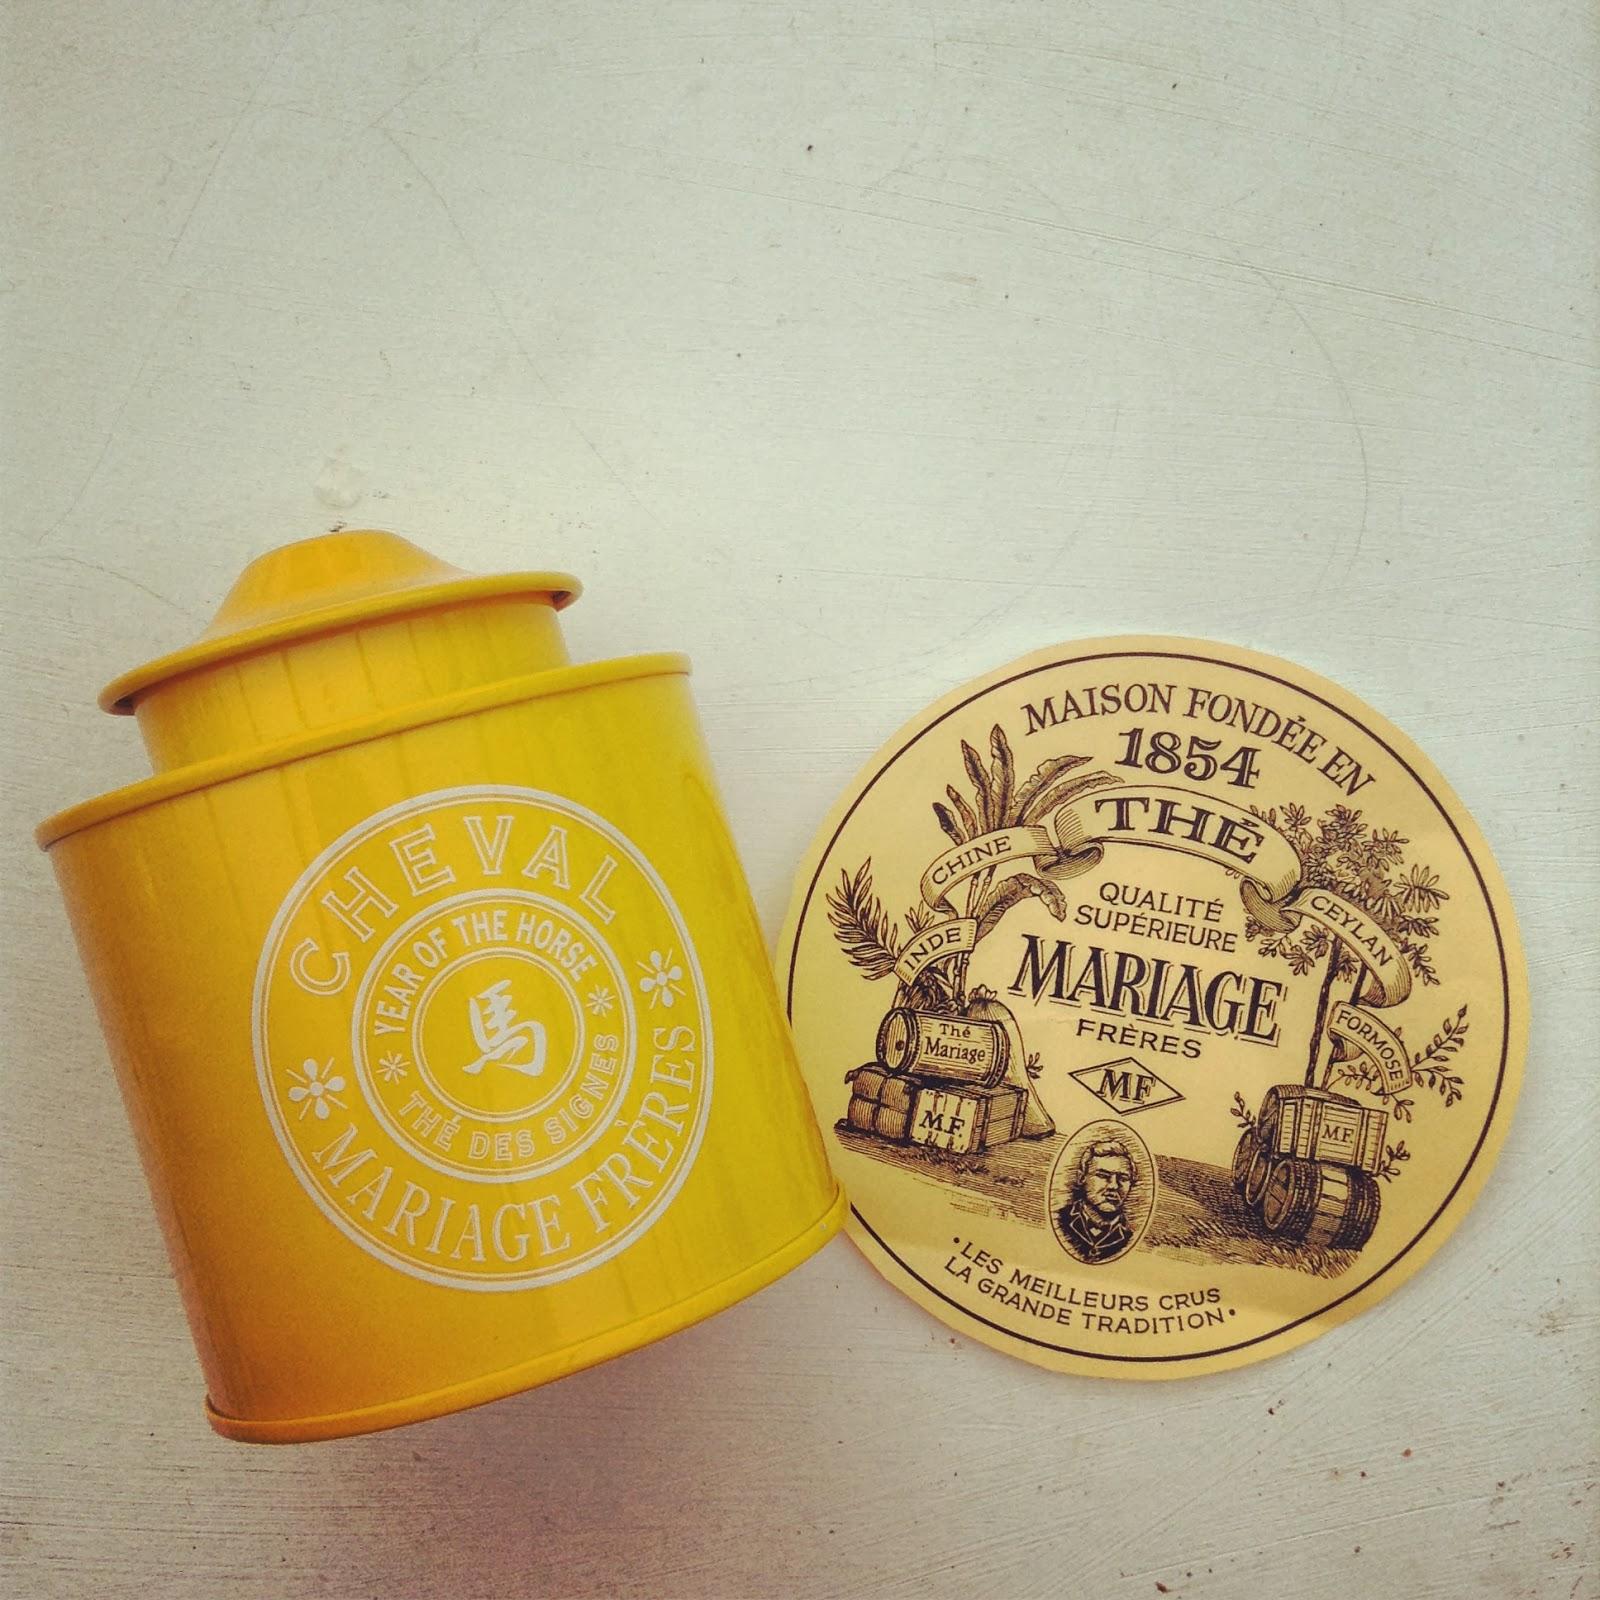 boîte jaune laquée sérigraphiée thé des signes mariage frères